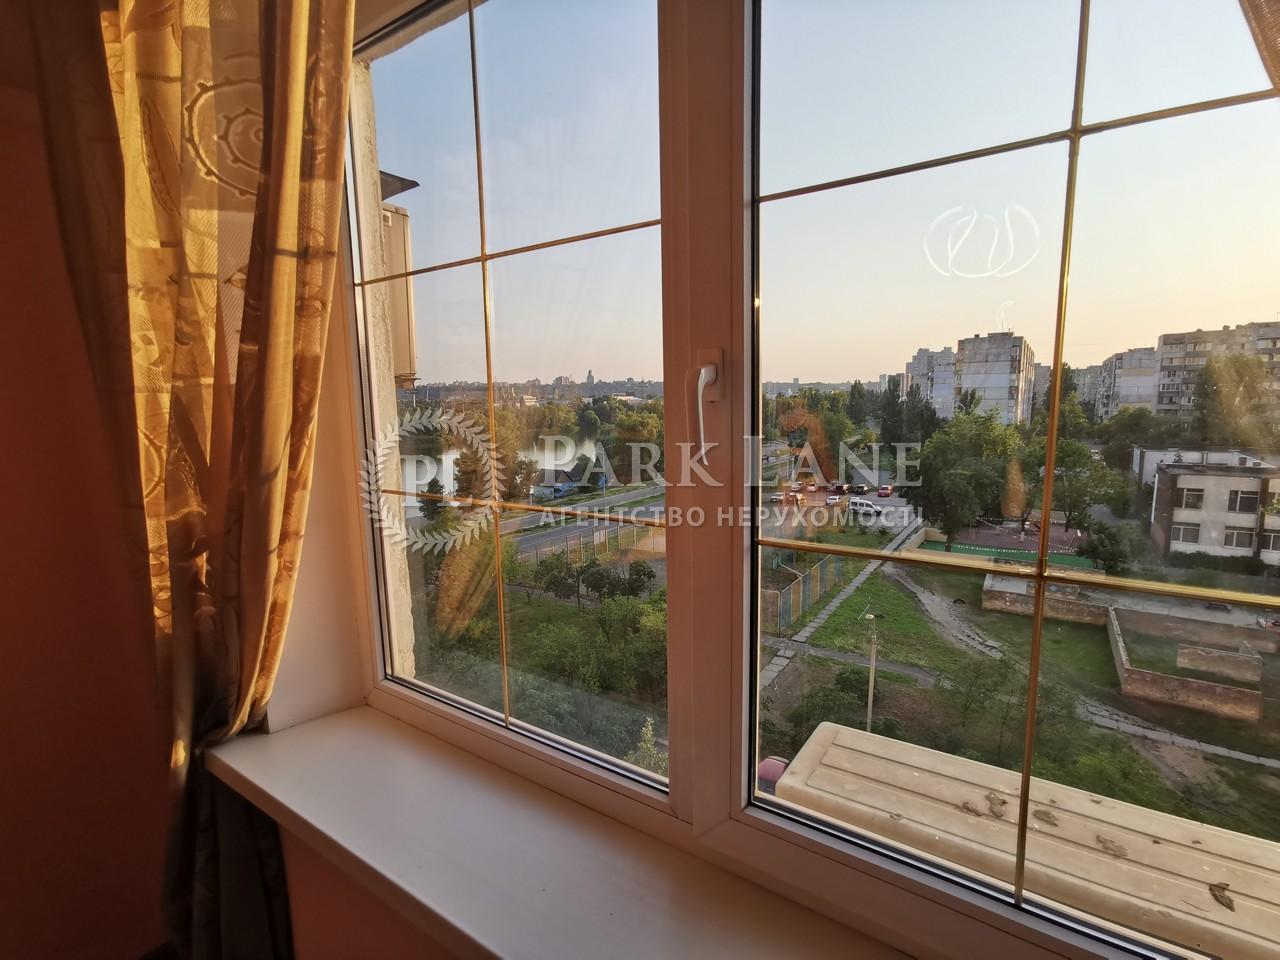 Квартира ул. Приозерная, 4, Киев, R-40024 - Фото 14